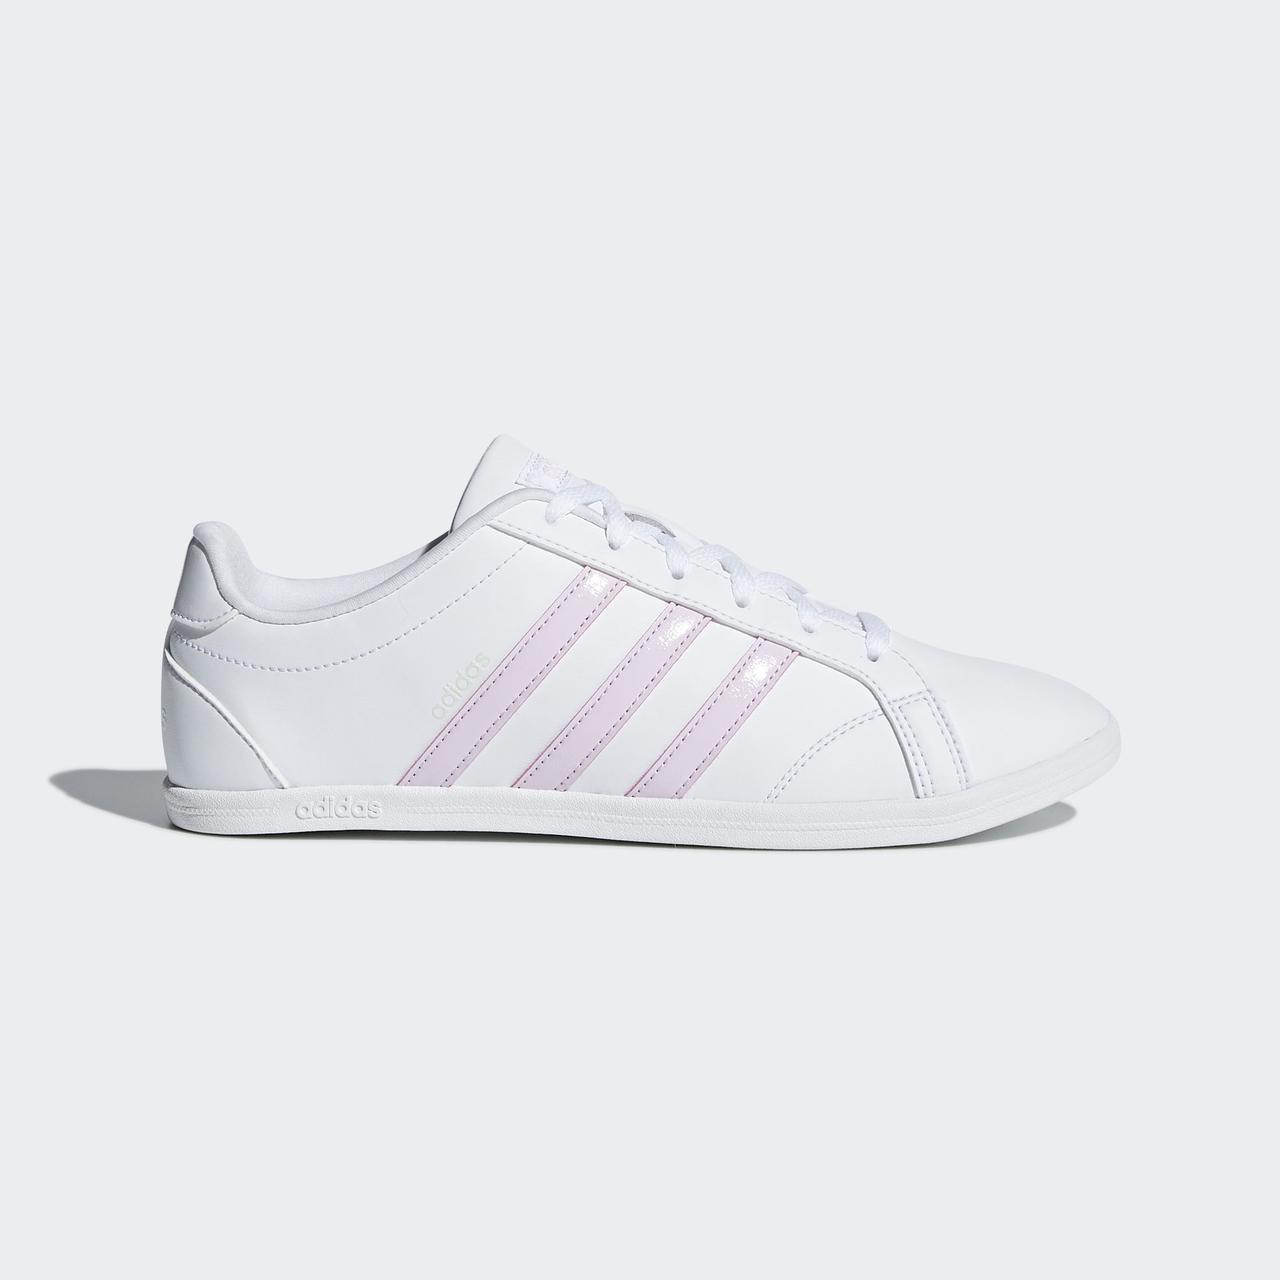 22a9487c Купить Женские кроссовки Adidas Neo VS Coneo QT (Артикул: DB0132) в ...